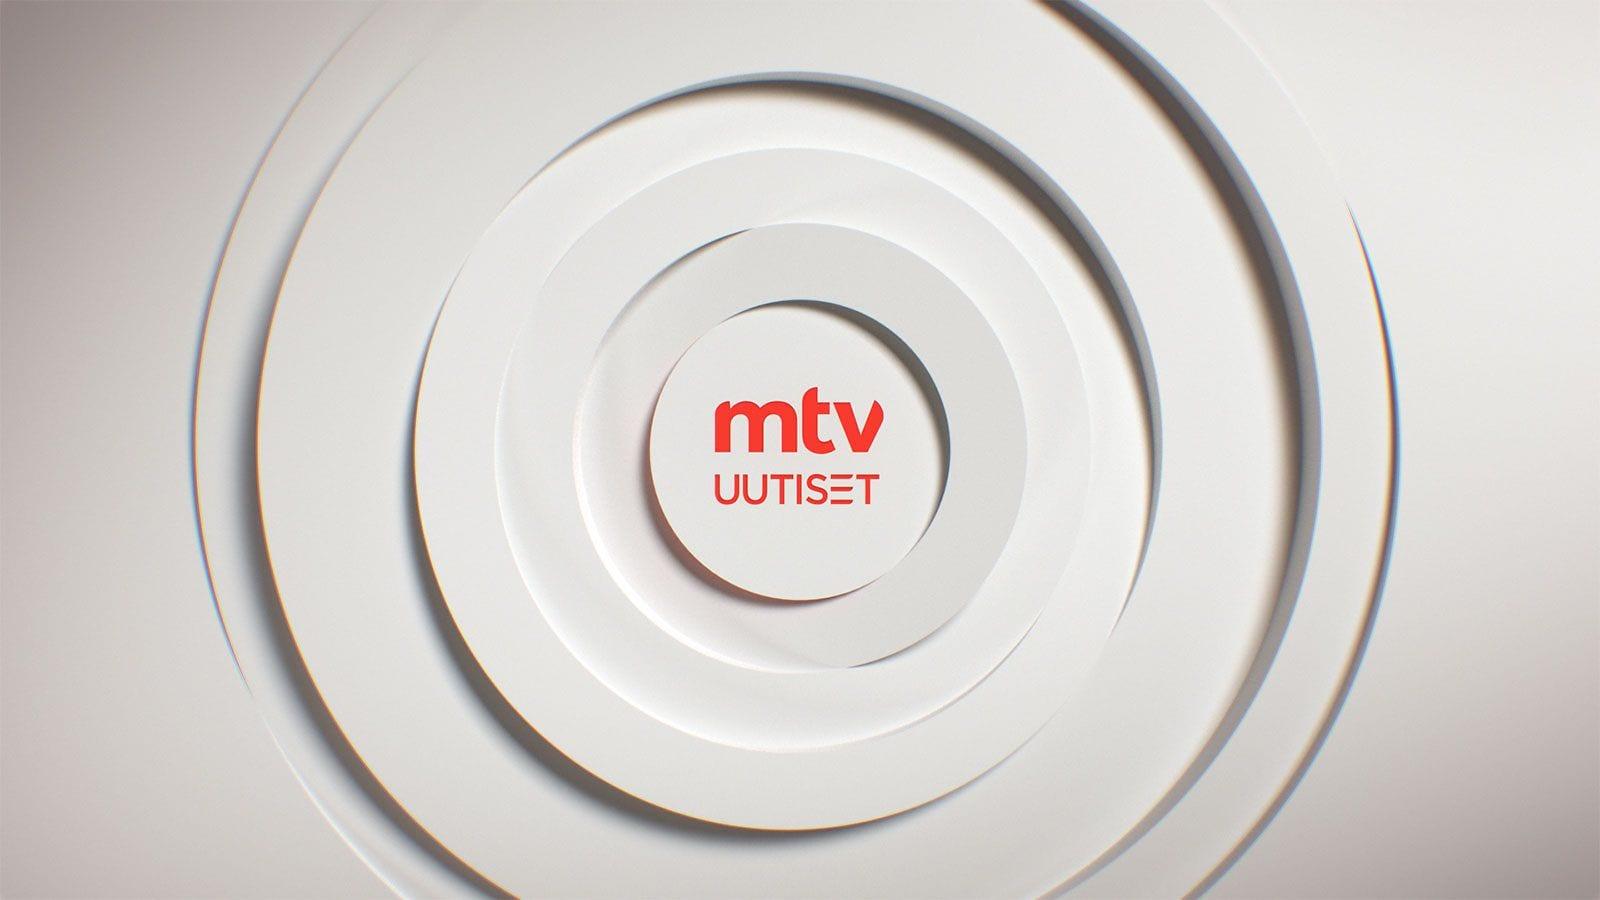 MTV Uutiset Live: Juuri nyt